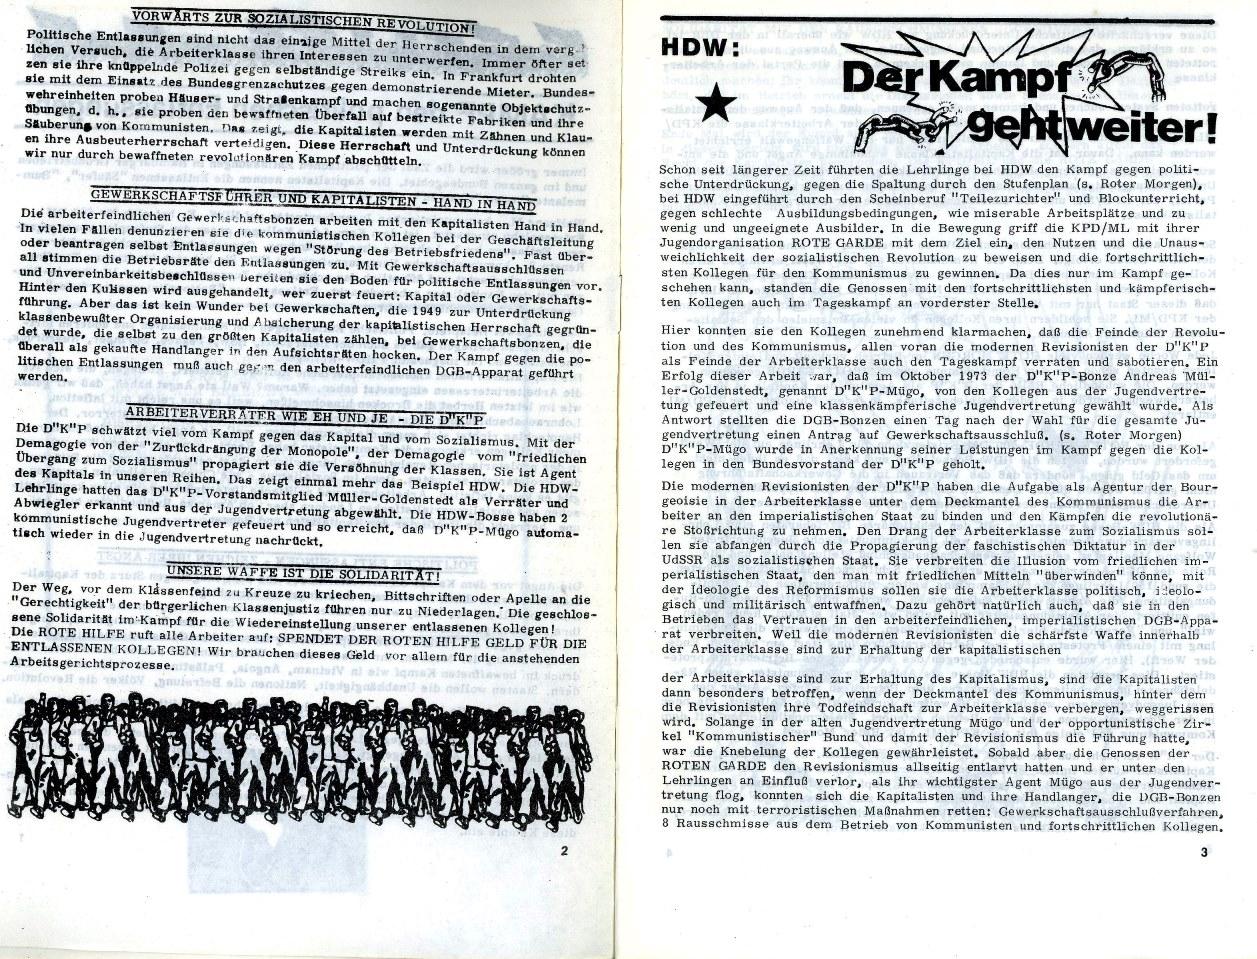 Hamburg_RH_1974_Politische_Entlassungen_03